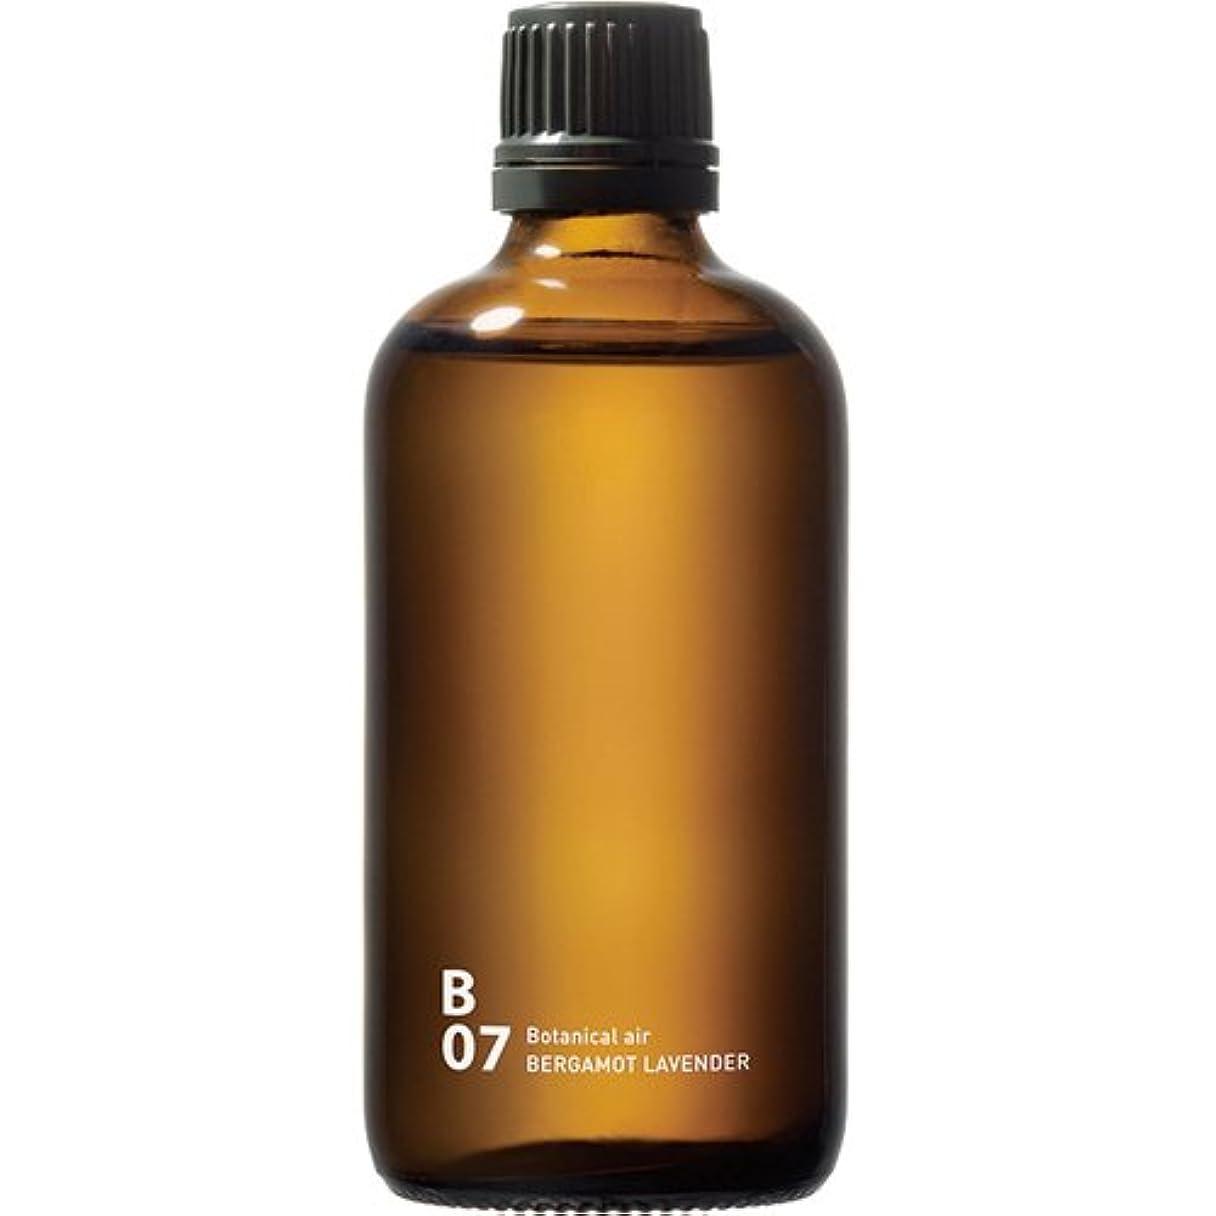 羨望ブラケット犯罪B07 BERGAMOT LAVENDER piezo aroma oil 100ml